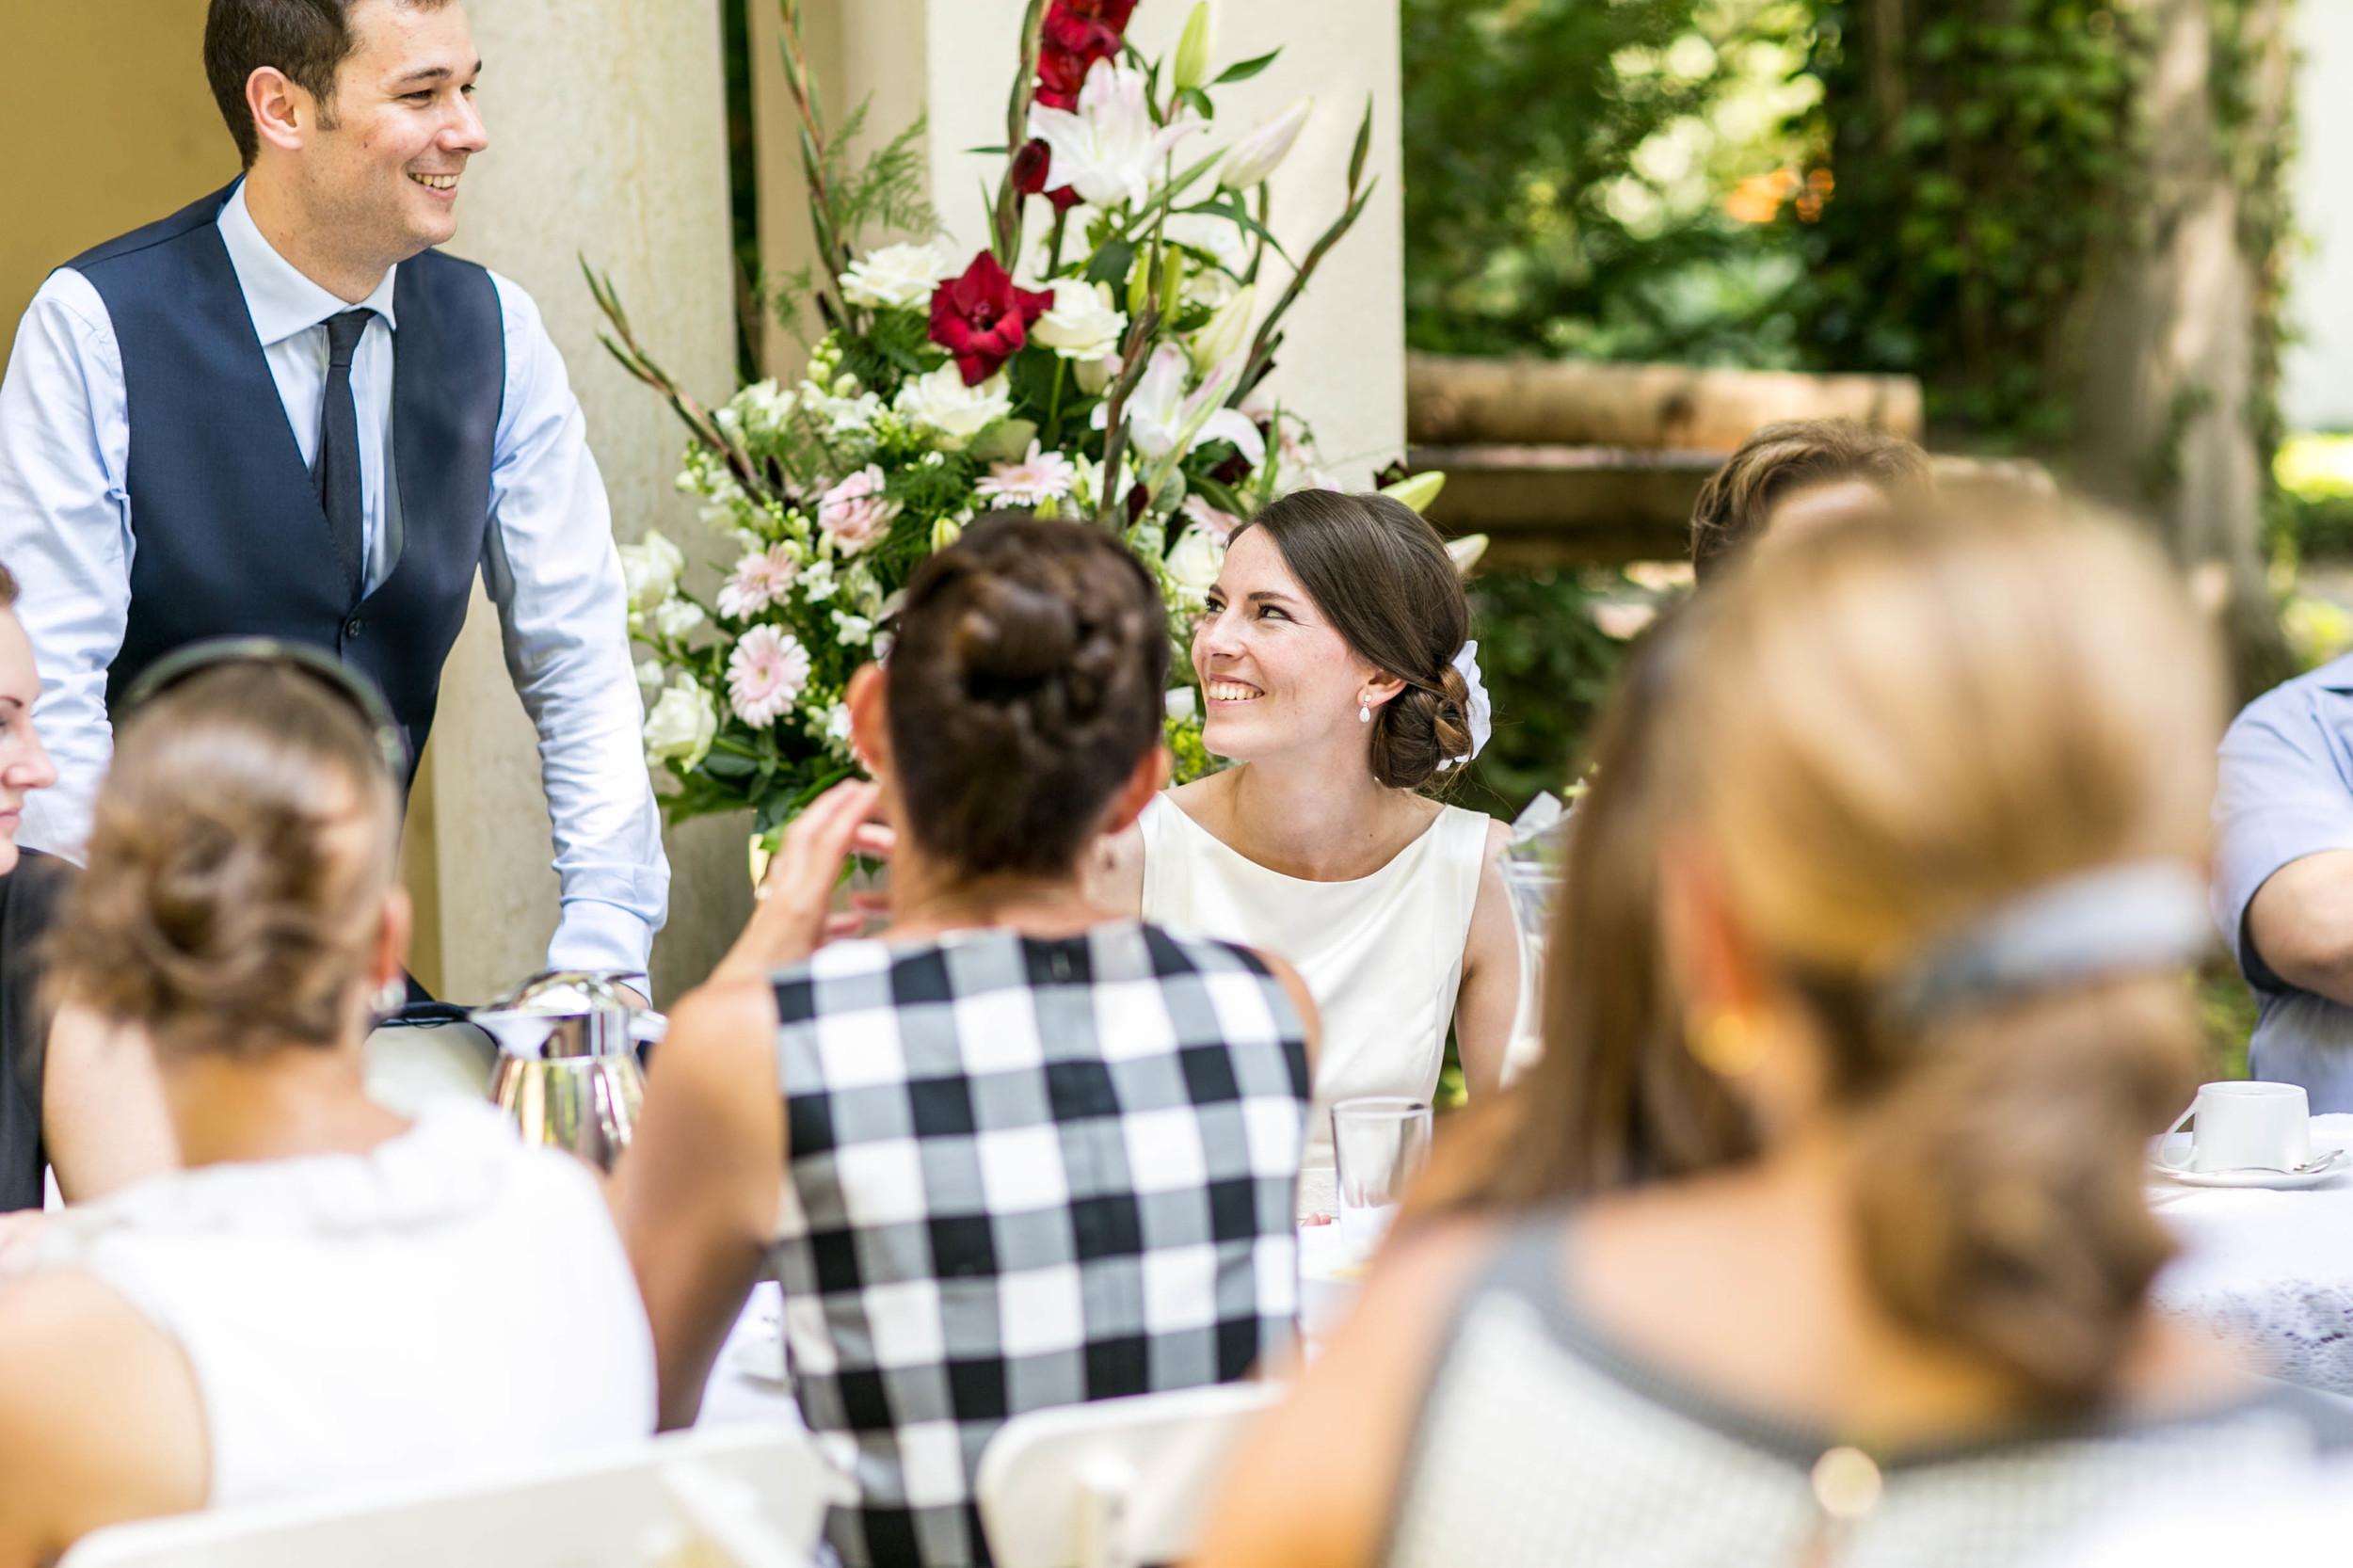 Hochzeit Schloß Blankensee Berlin_Fran Burrows-56.jpg